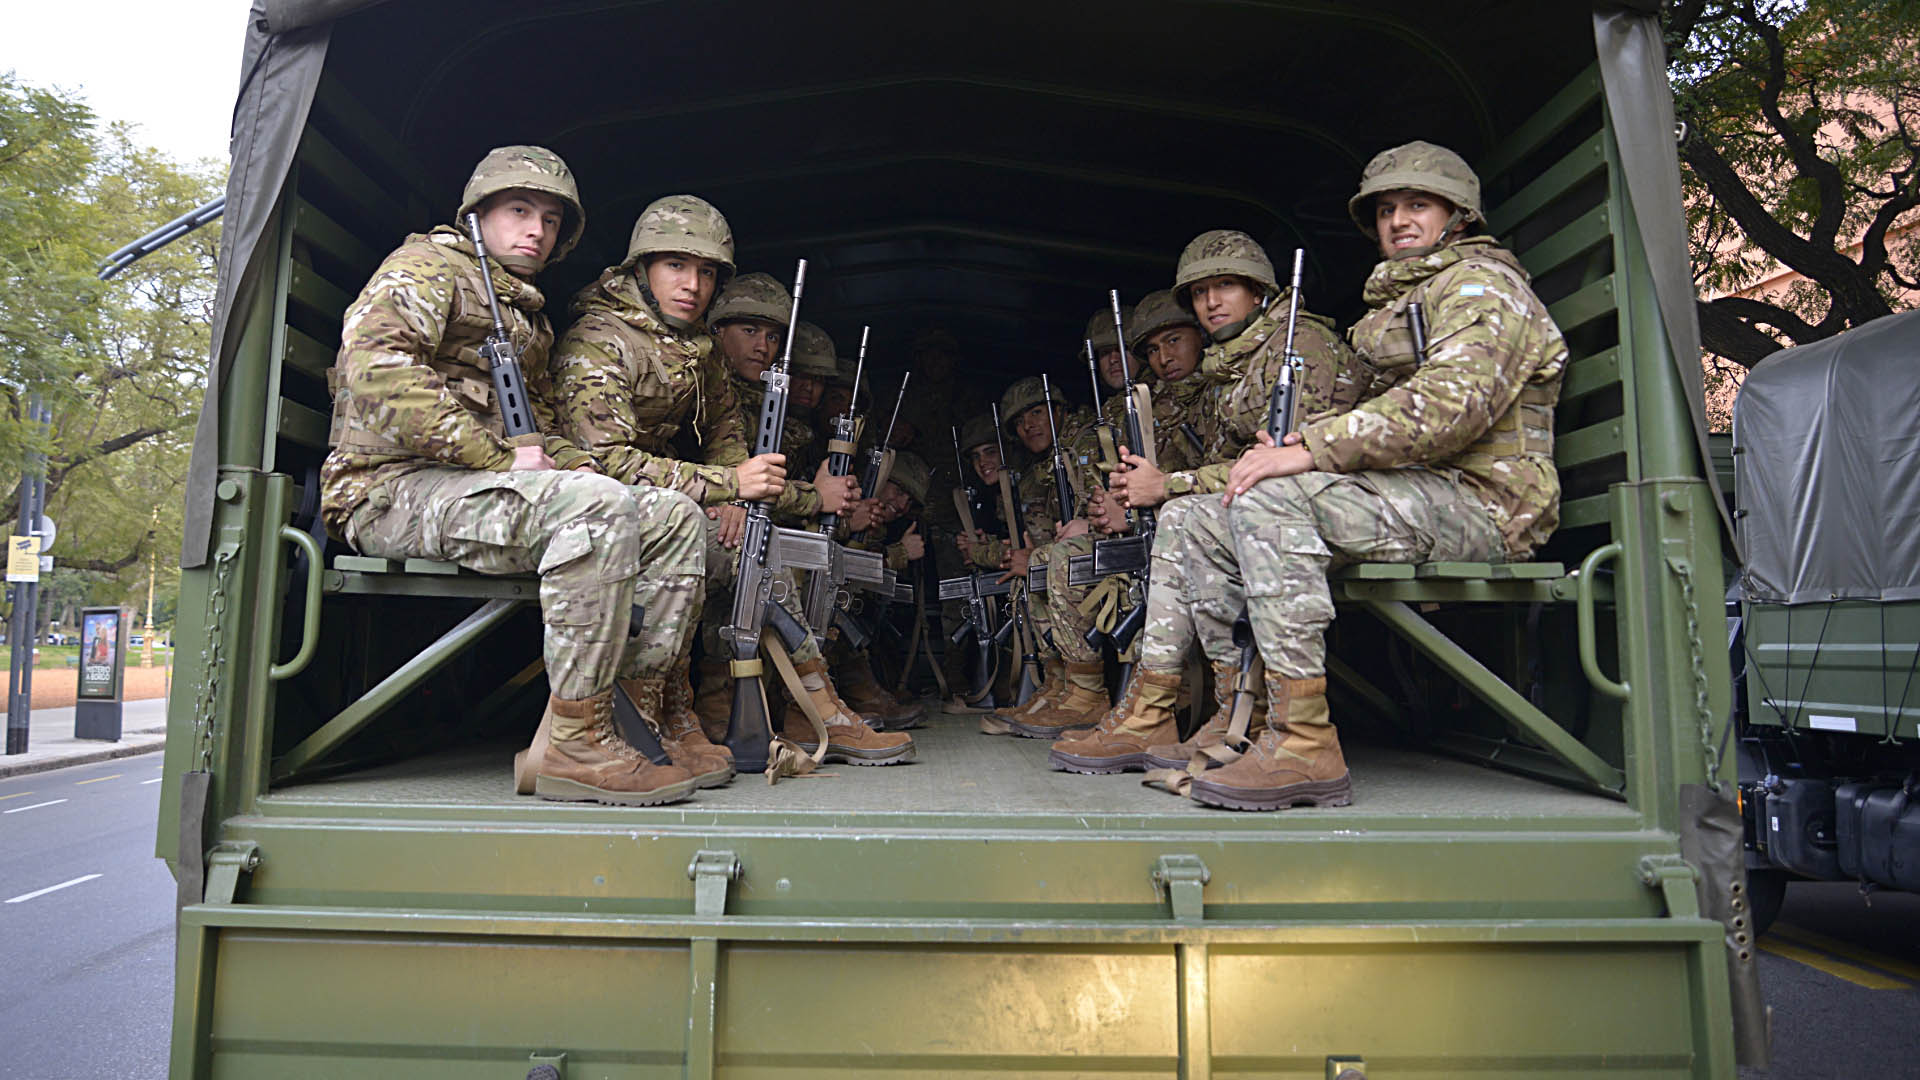 Soldados del Ejército arriba de uno de los camiones que trasladó a los efectivos al desfile